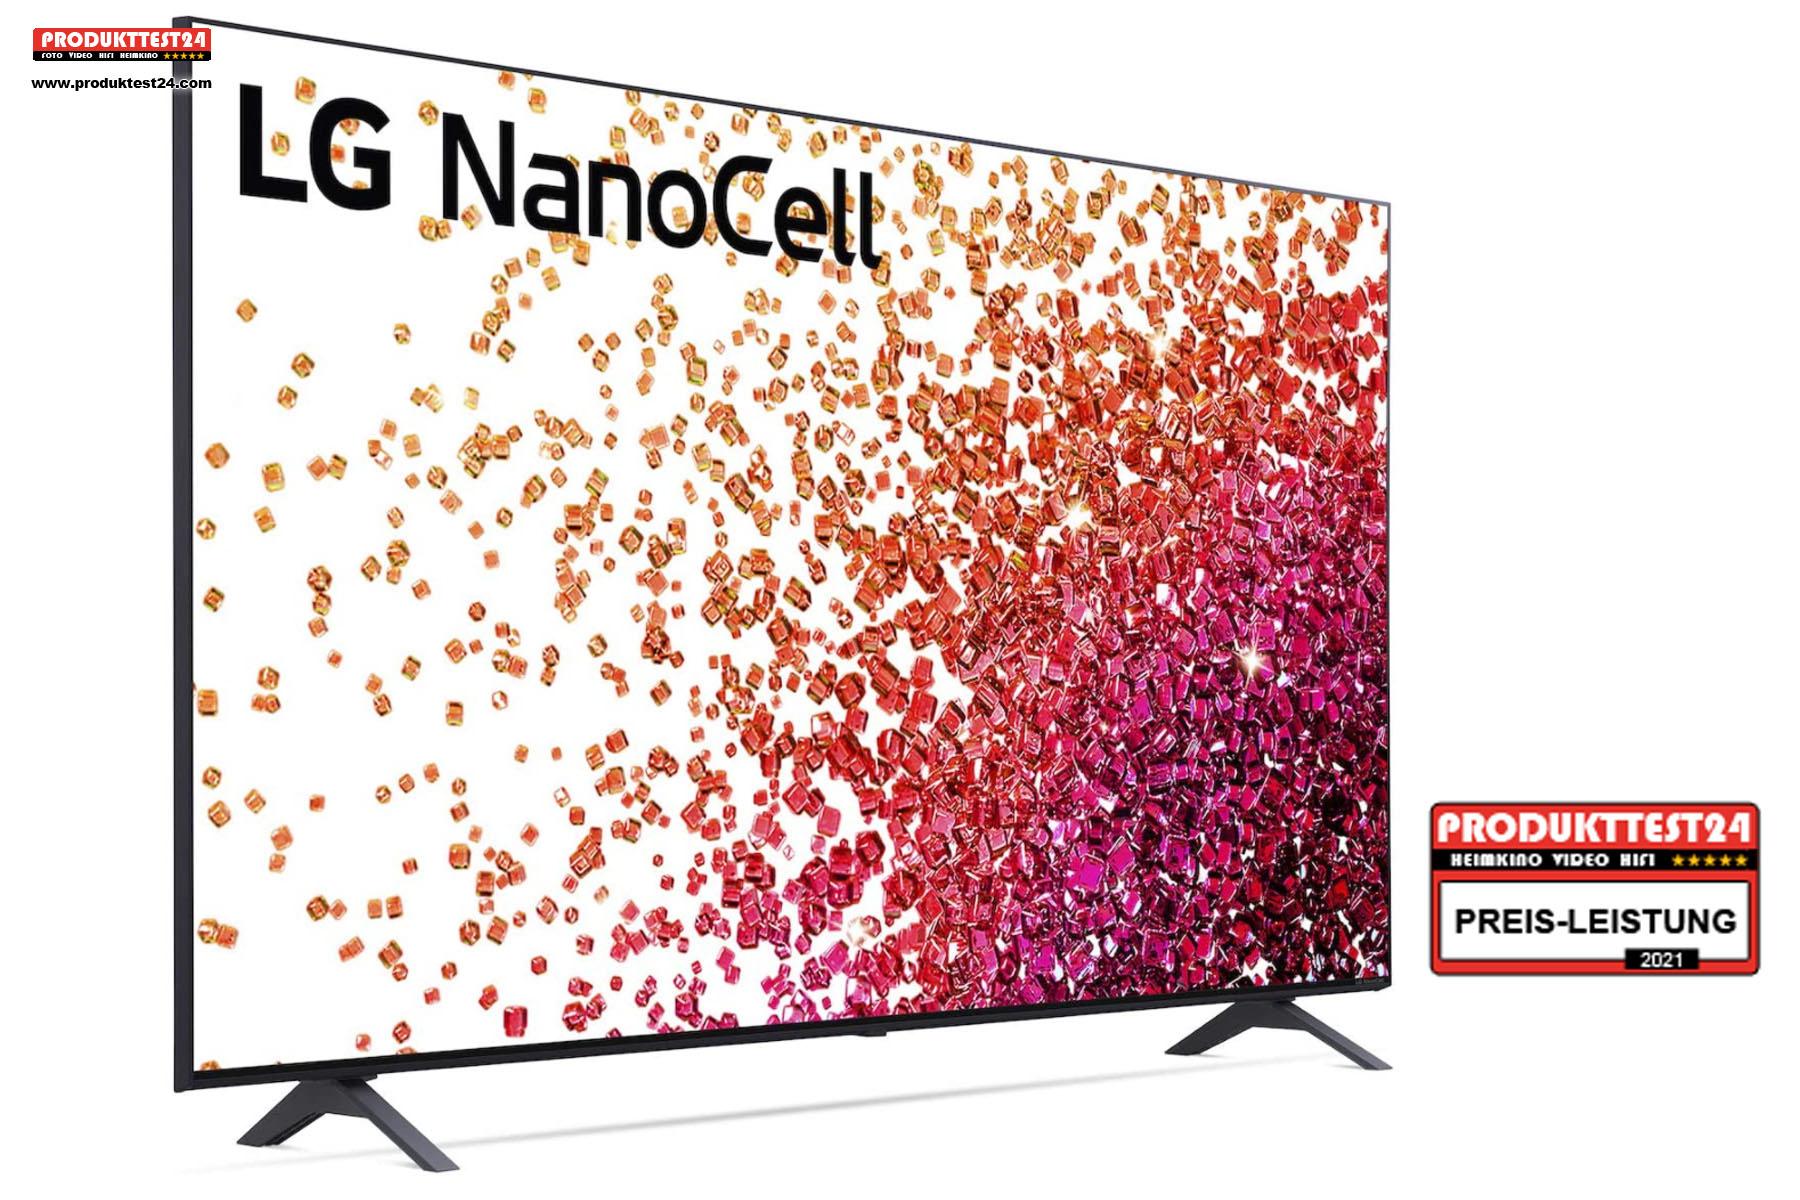 Der günstigste 4K-Fernseher mit NanoCell-Technik